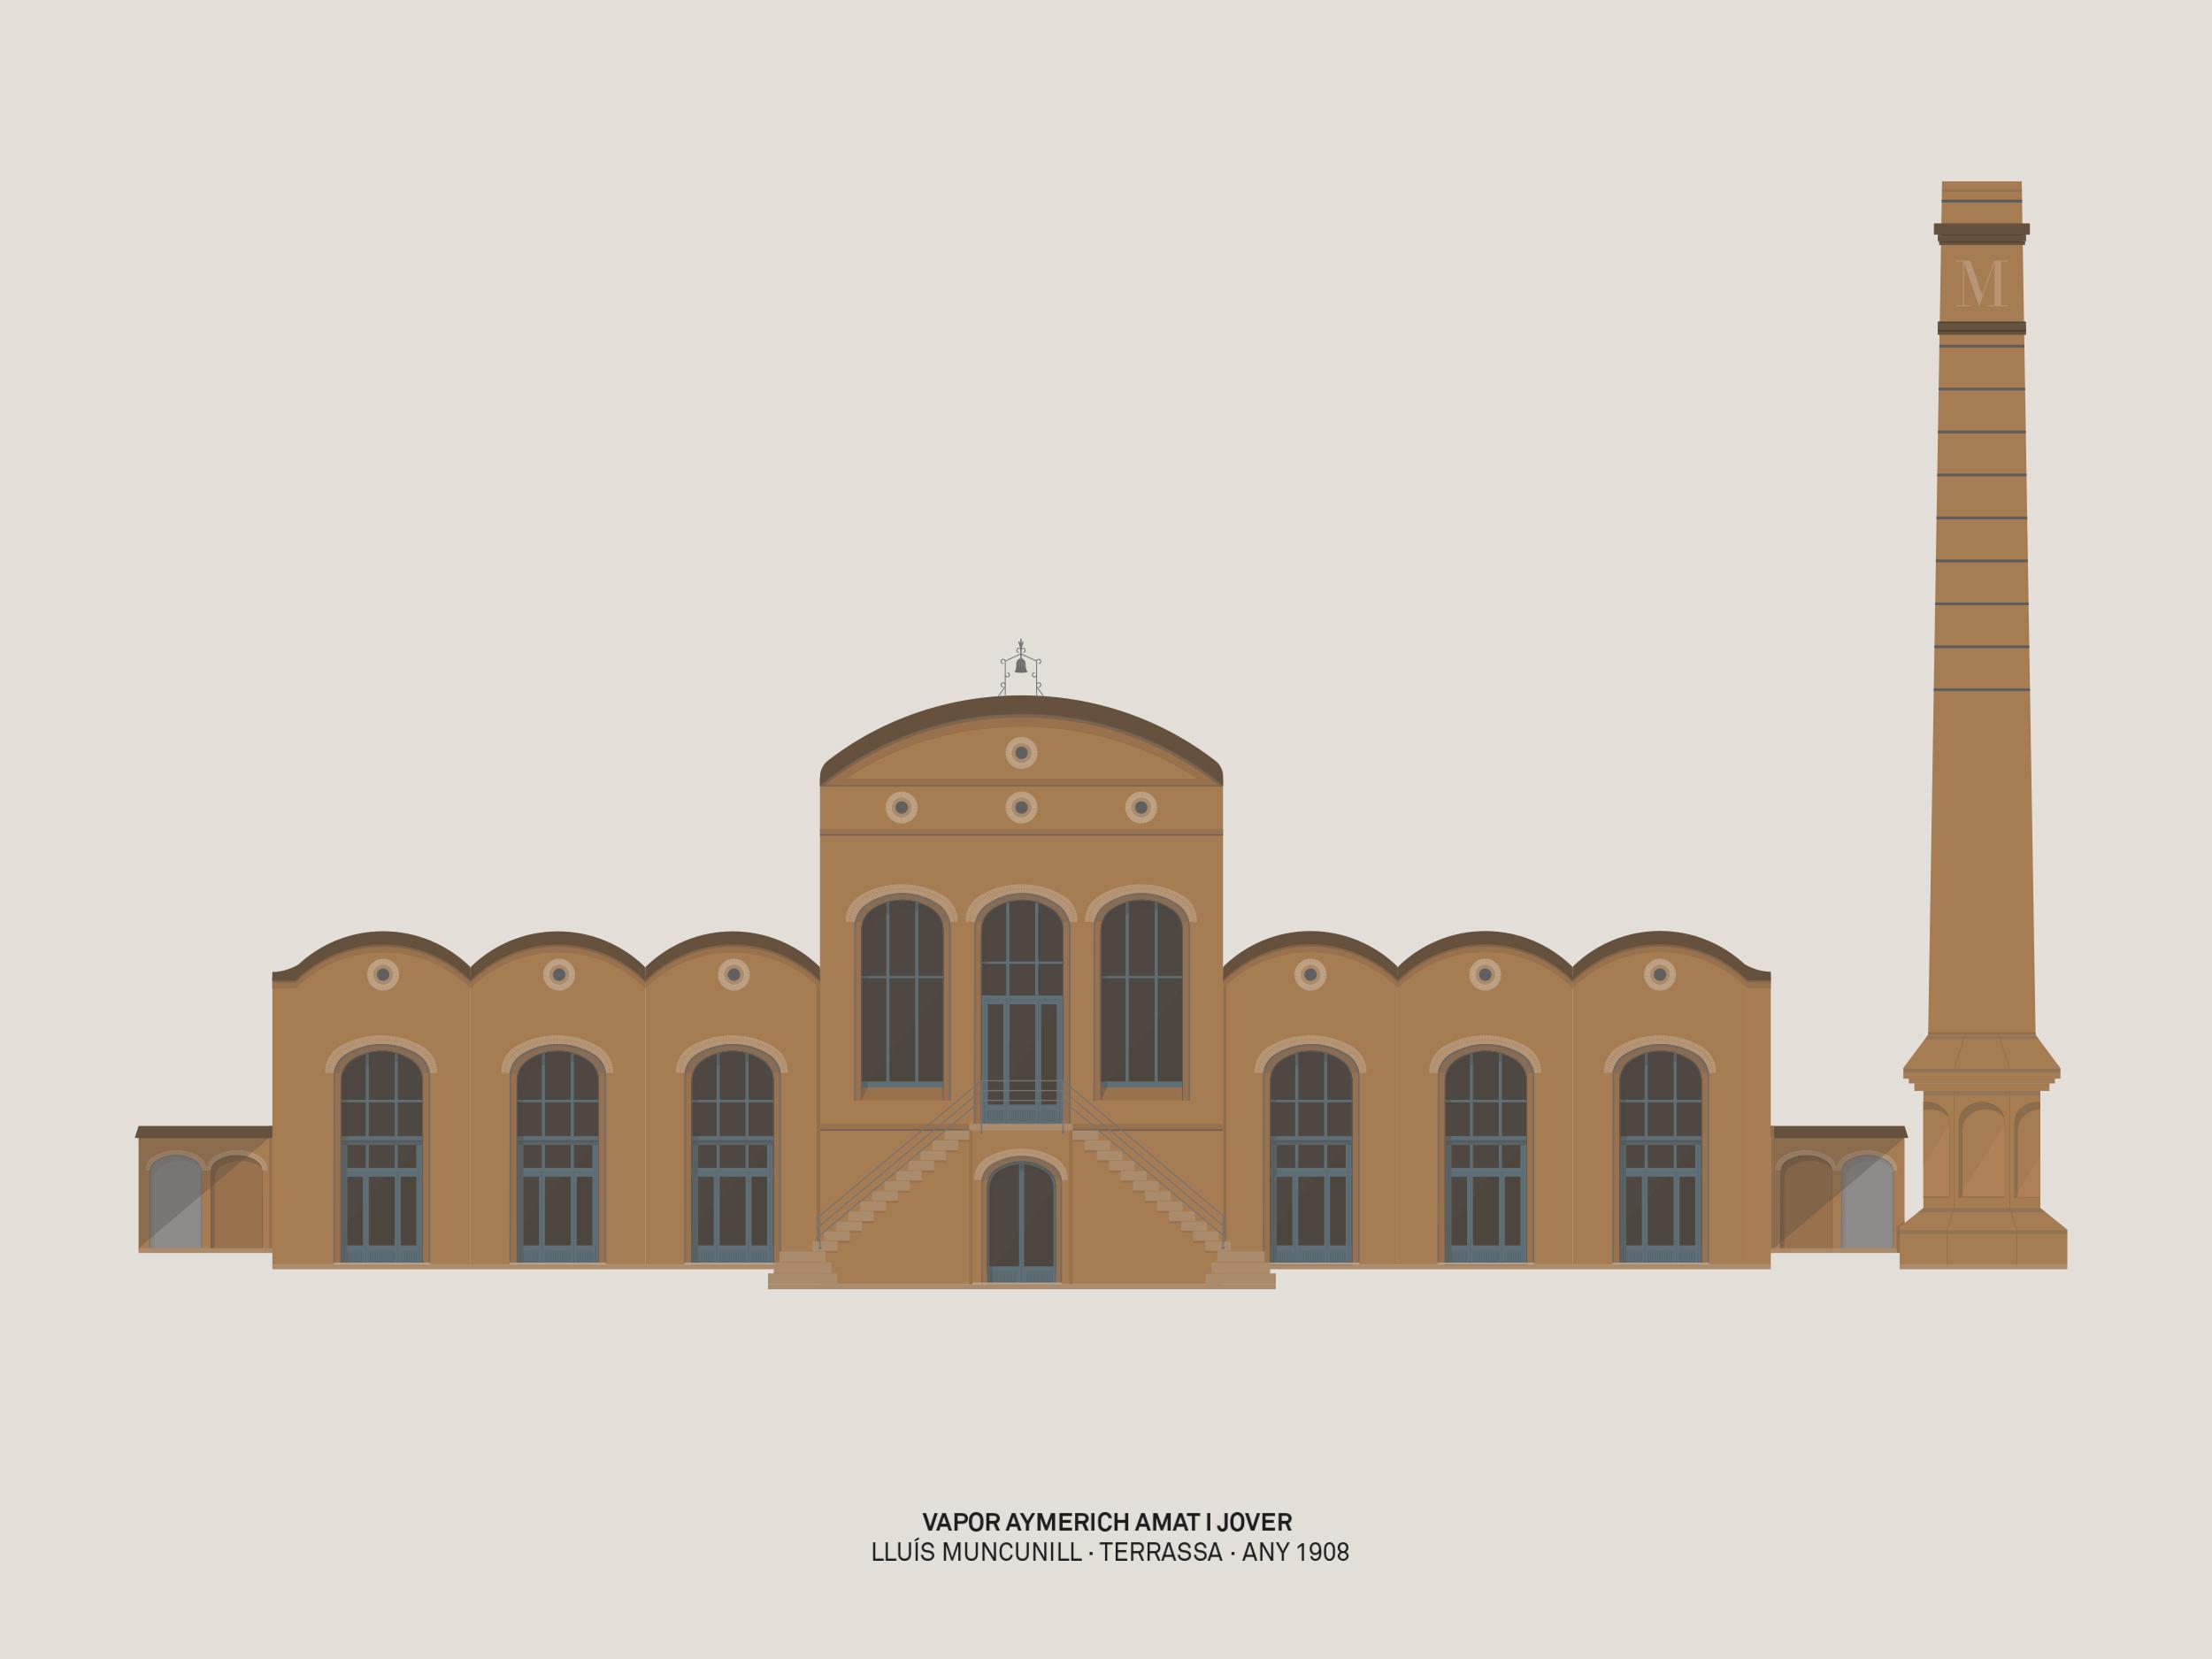 Contra Studio Graphic design Disseny gràfic Terrassa Arquitectura Patrimoni Modernisme Il·lustració Vallès Occidental Barcelona